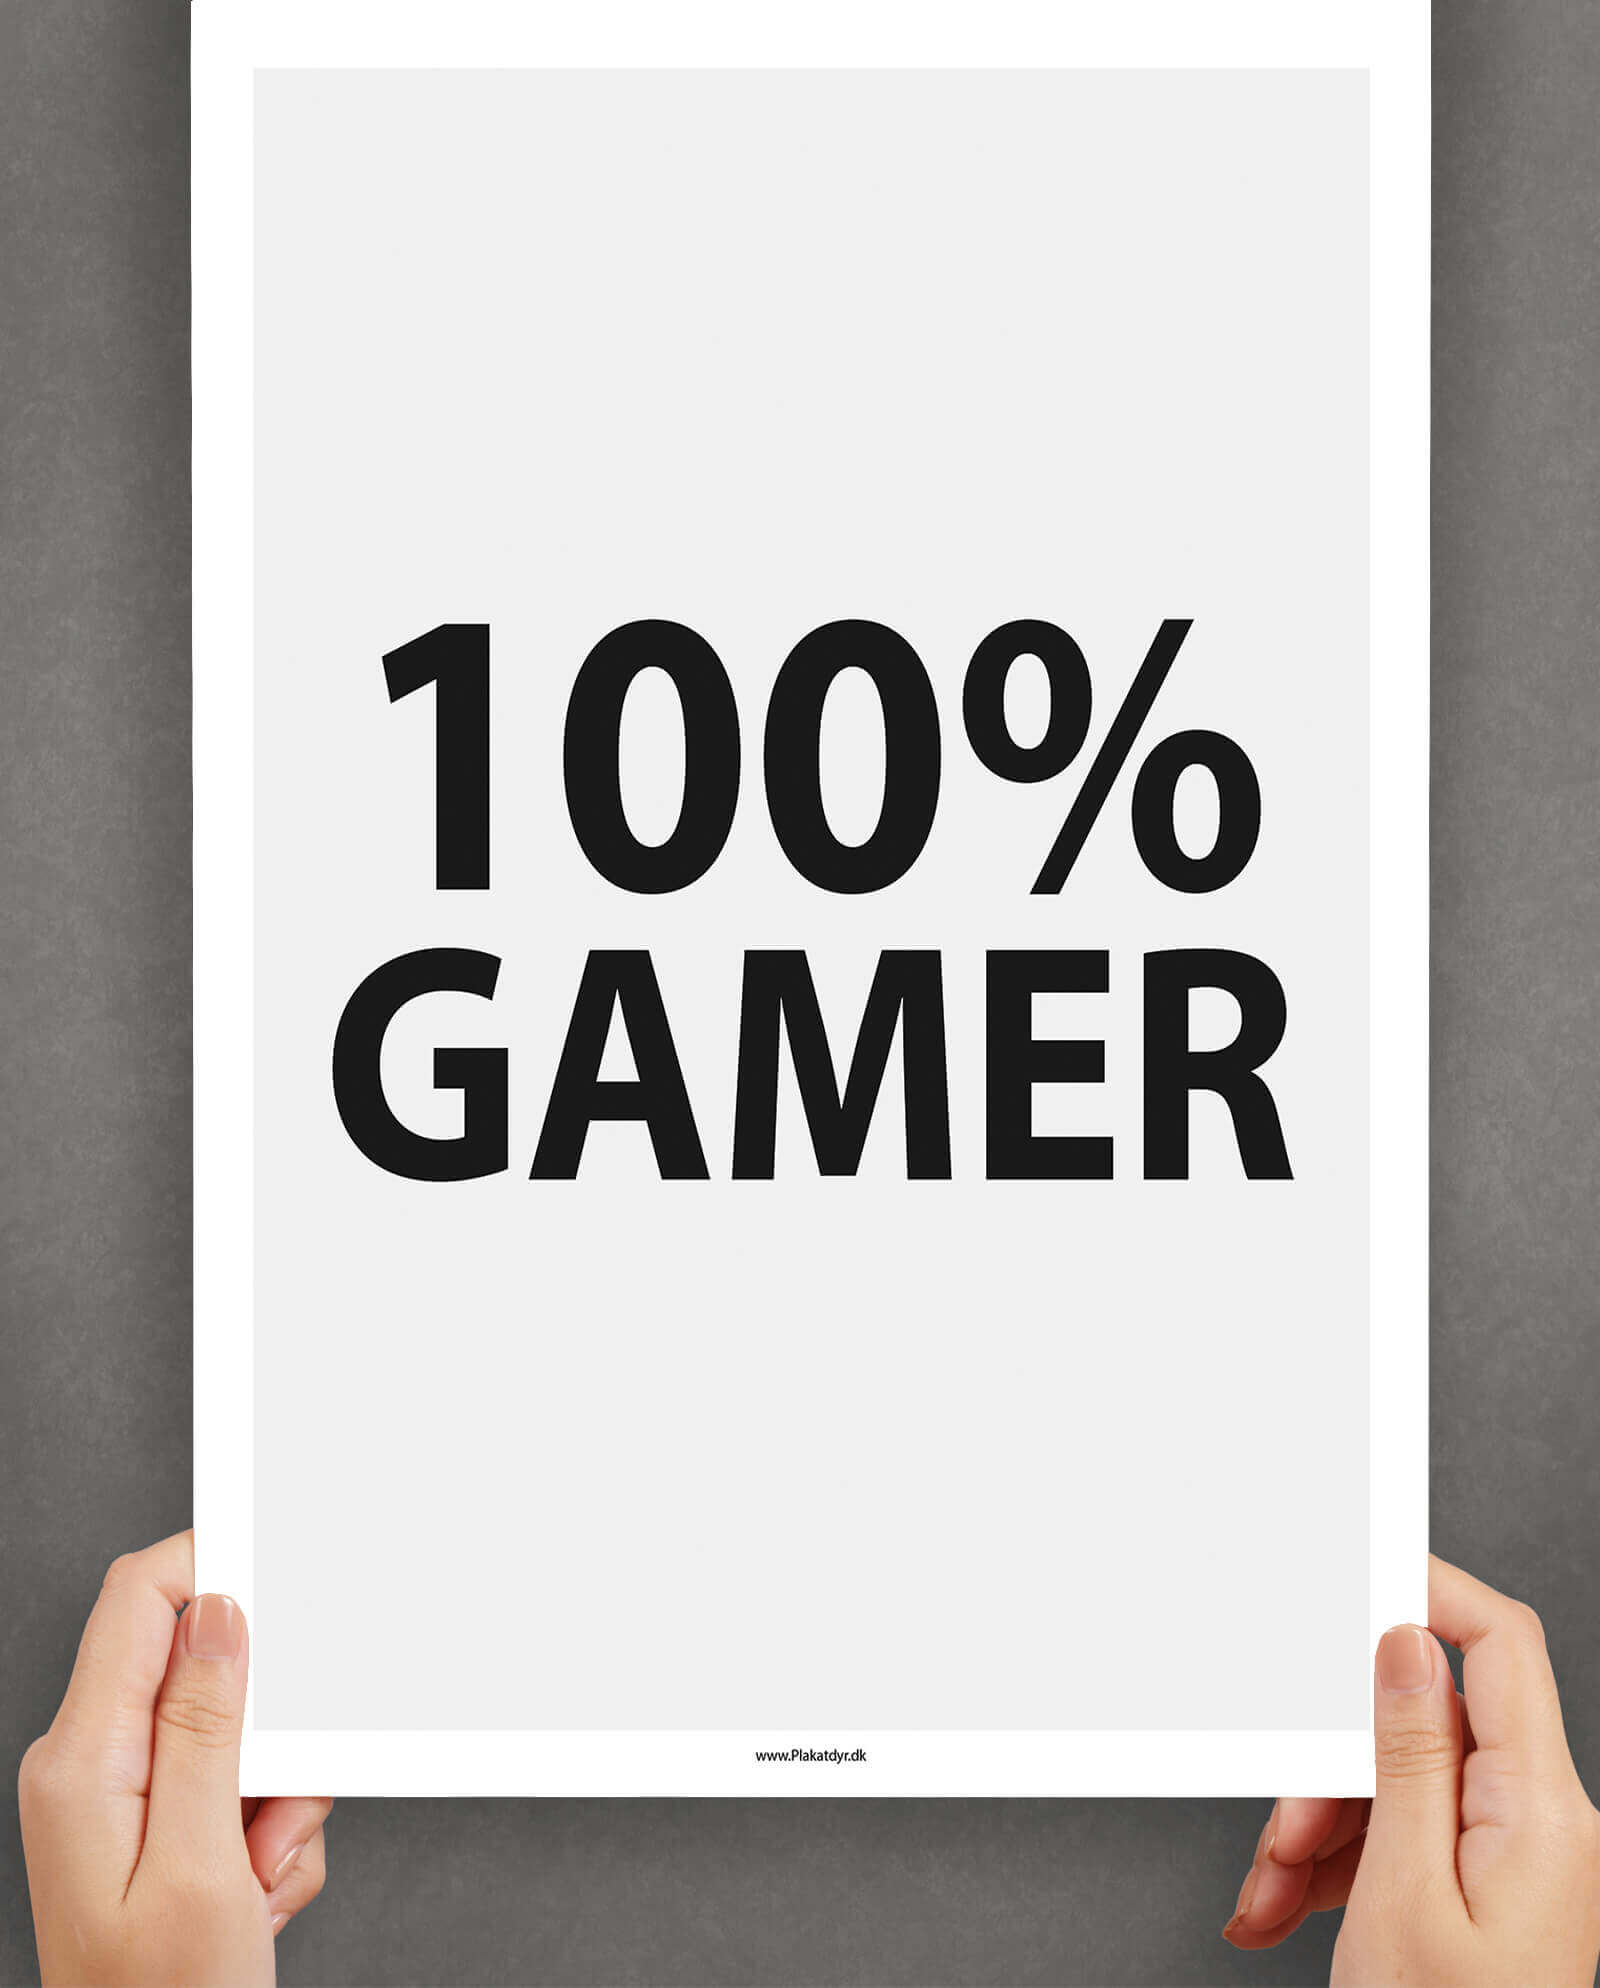 100%-gamer-1